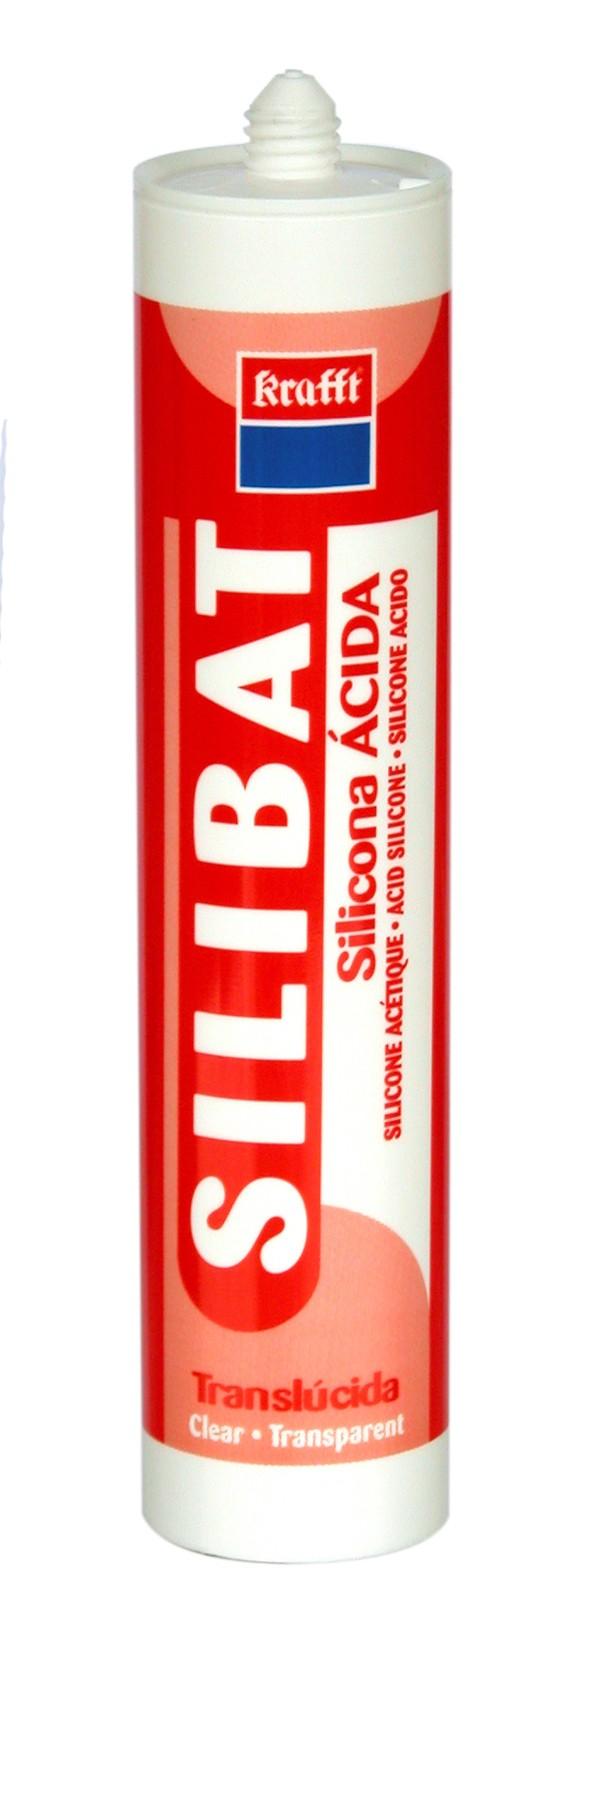 SILICONA TRASLUCIDA SILIBAT 280 CM3